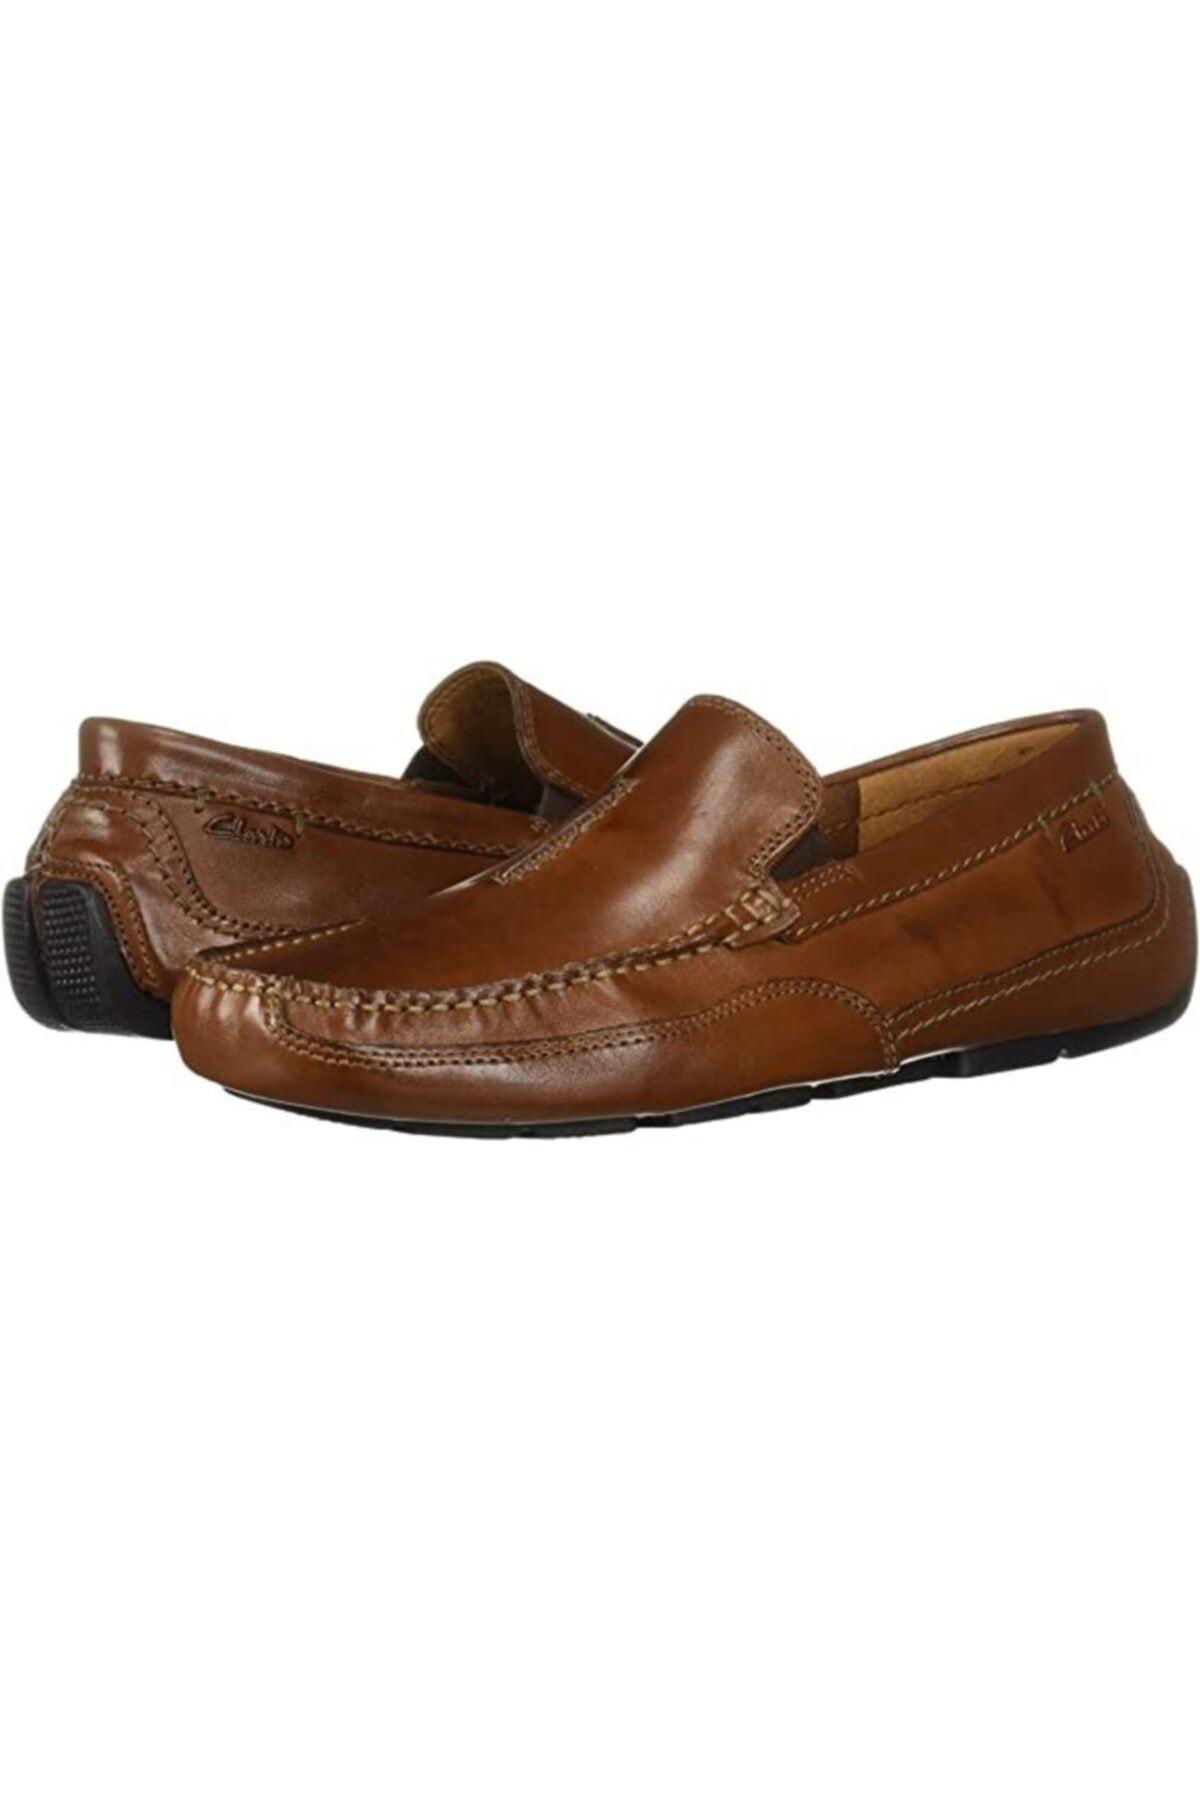 CLARKS Erkek Kahverengi Klasik Şık Ve Rahat Çok Yönlü Ürün Ashmont Race Ayakkabı 1